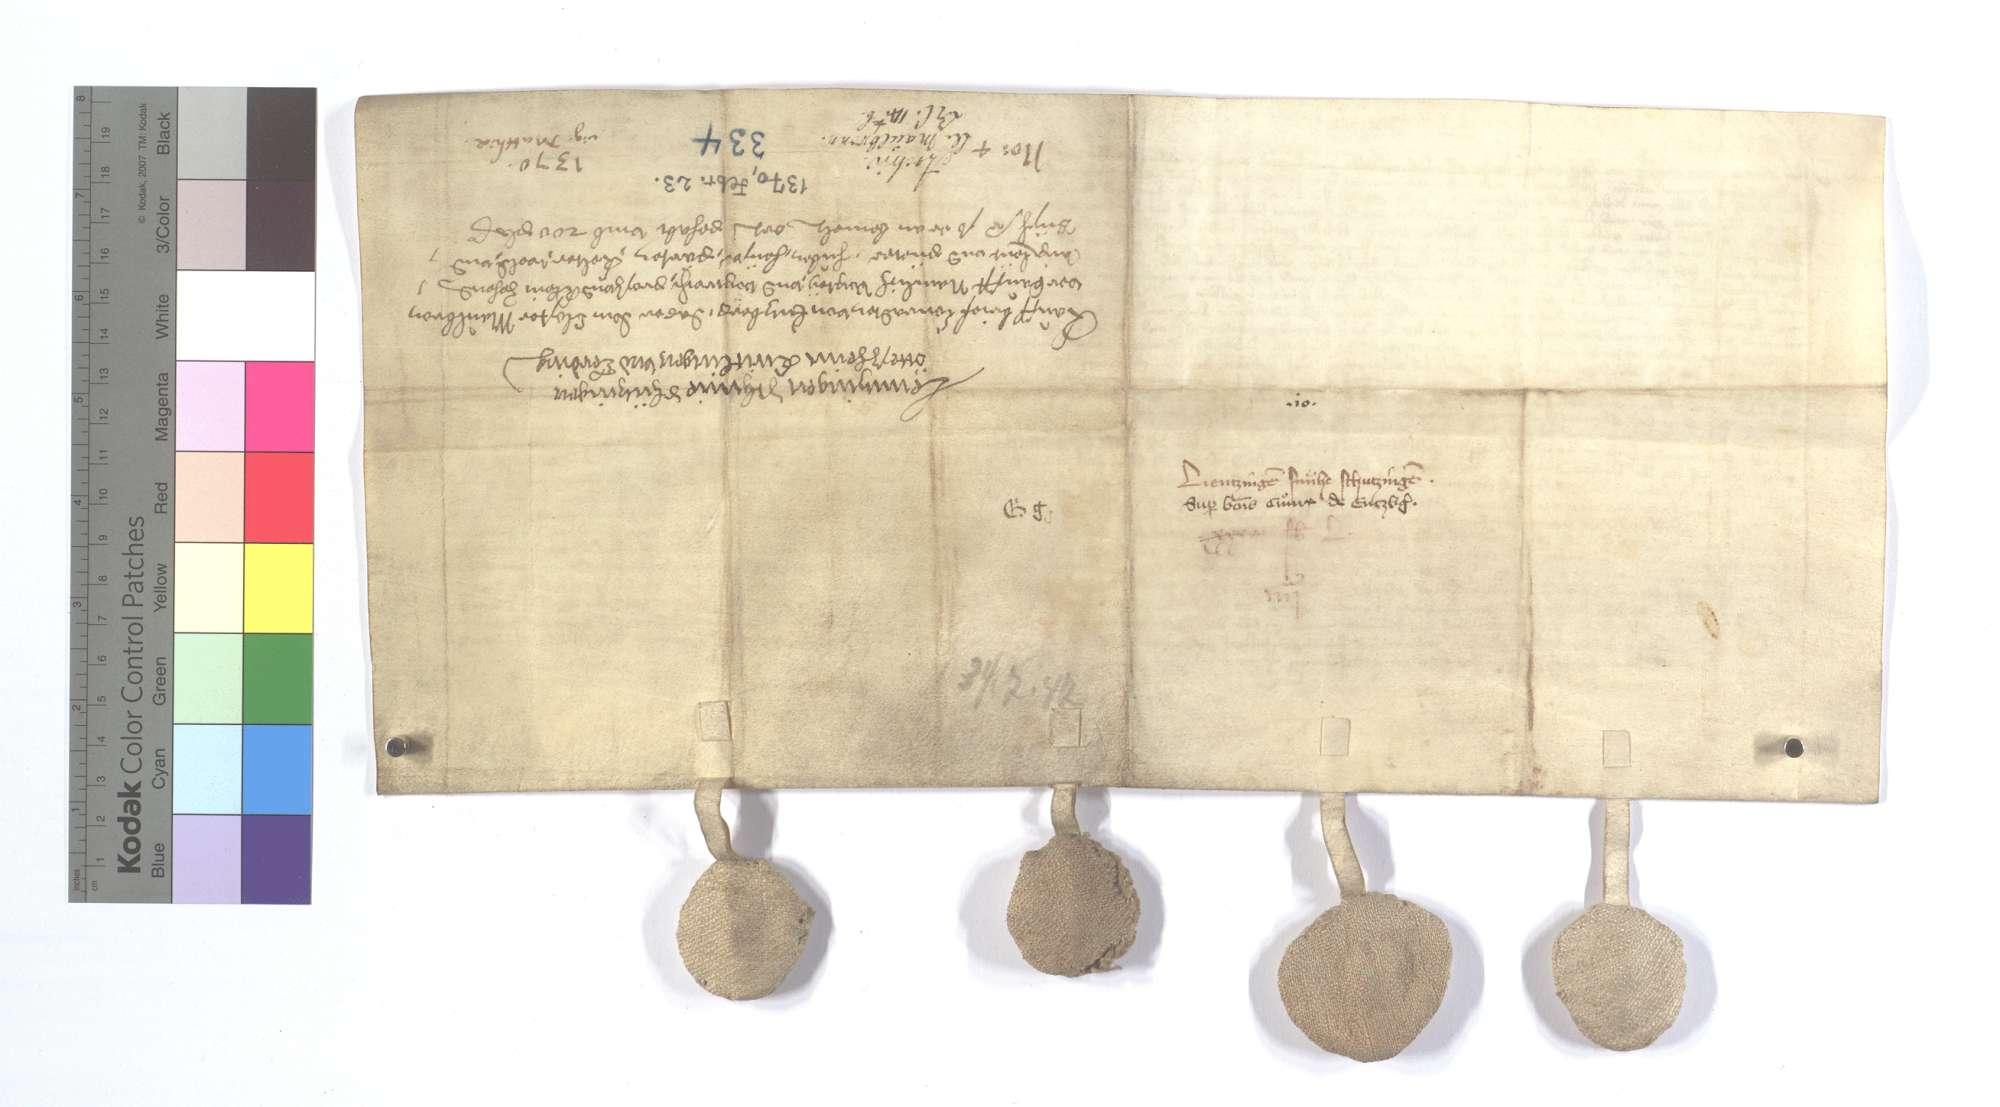 Conrad Rummler von Enzberg verkauft dem Kloster Maulbronn all sein Gut, Gülten und Gerechtsame in Lienzingen (Lientzingen), Schmie (Schmye), Schützingen (Schüzingen) und Ötisheim samt der Leibeigenen in Knittlingen und Ersingen., Rückseite